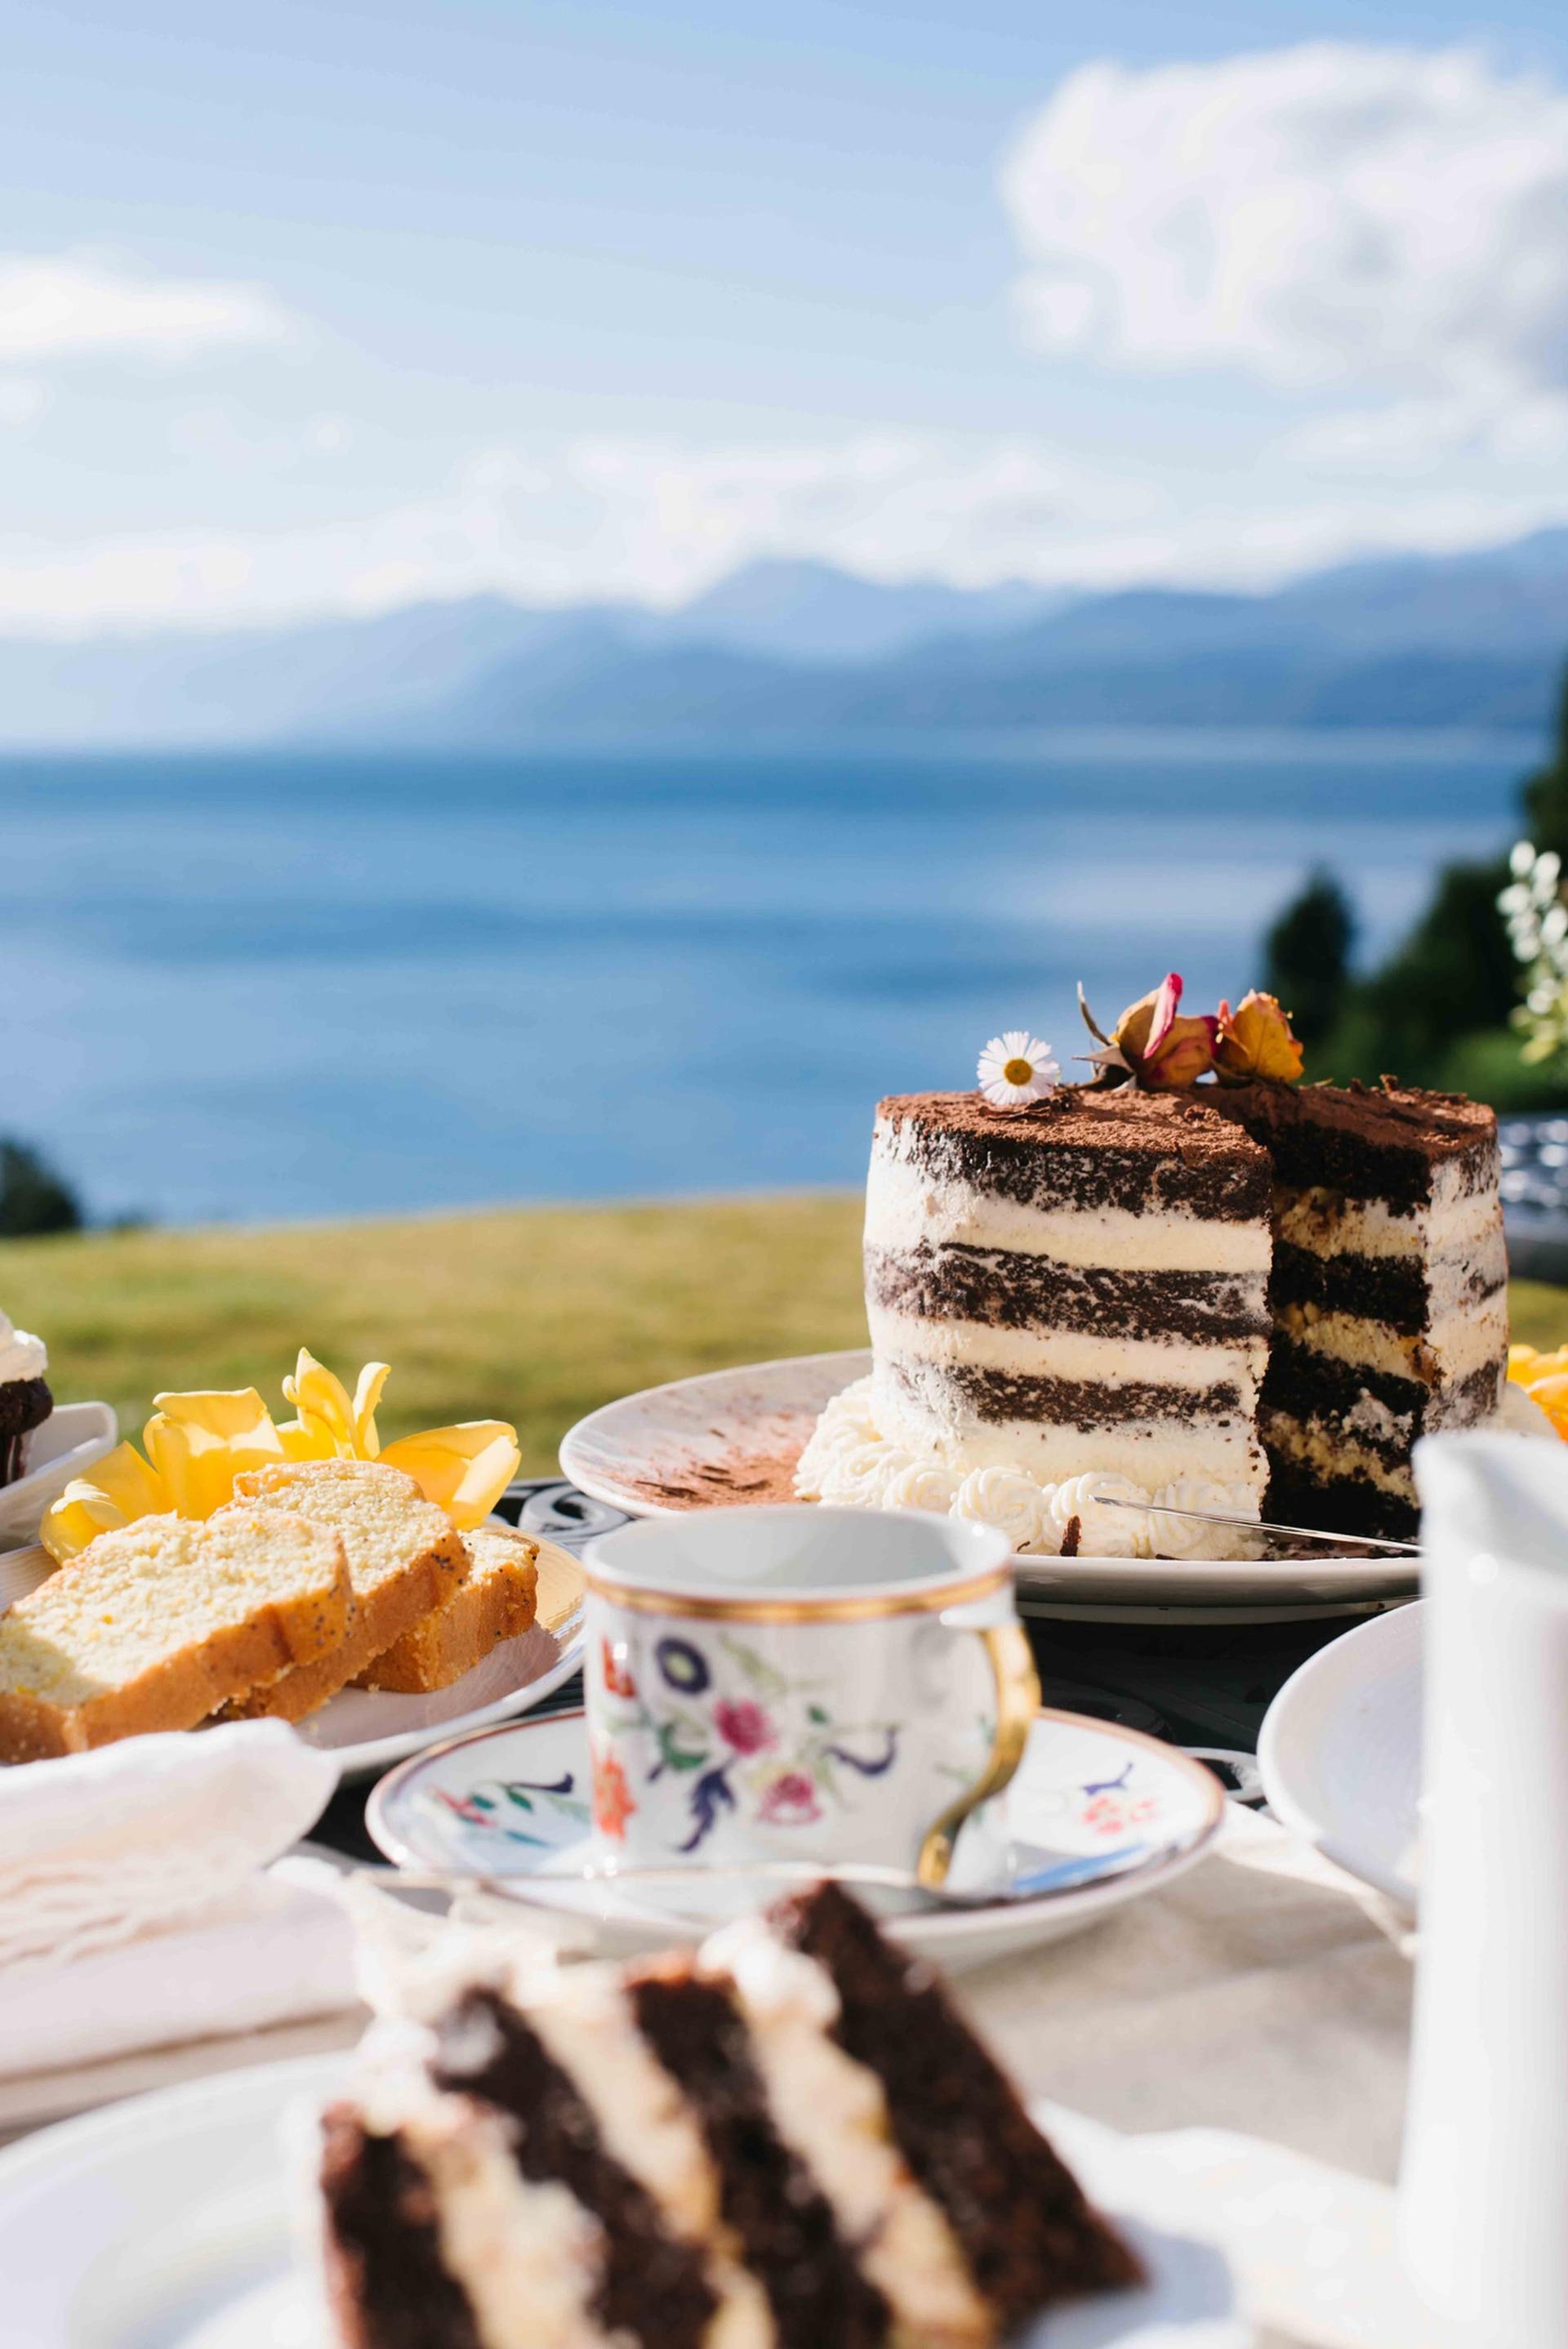 Vista al Nahuel Huapi en el restaurante Avellana del hotel Beluno, Bariloche.